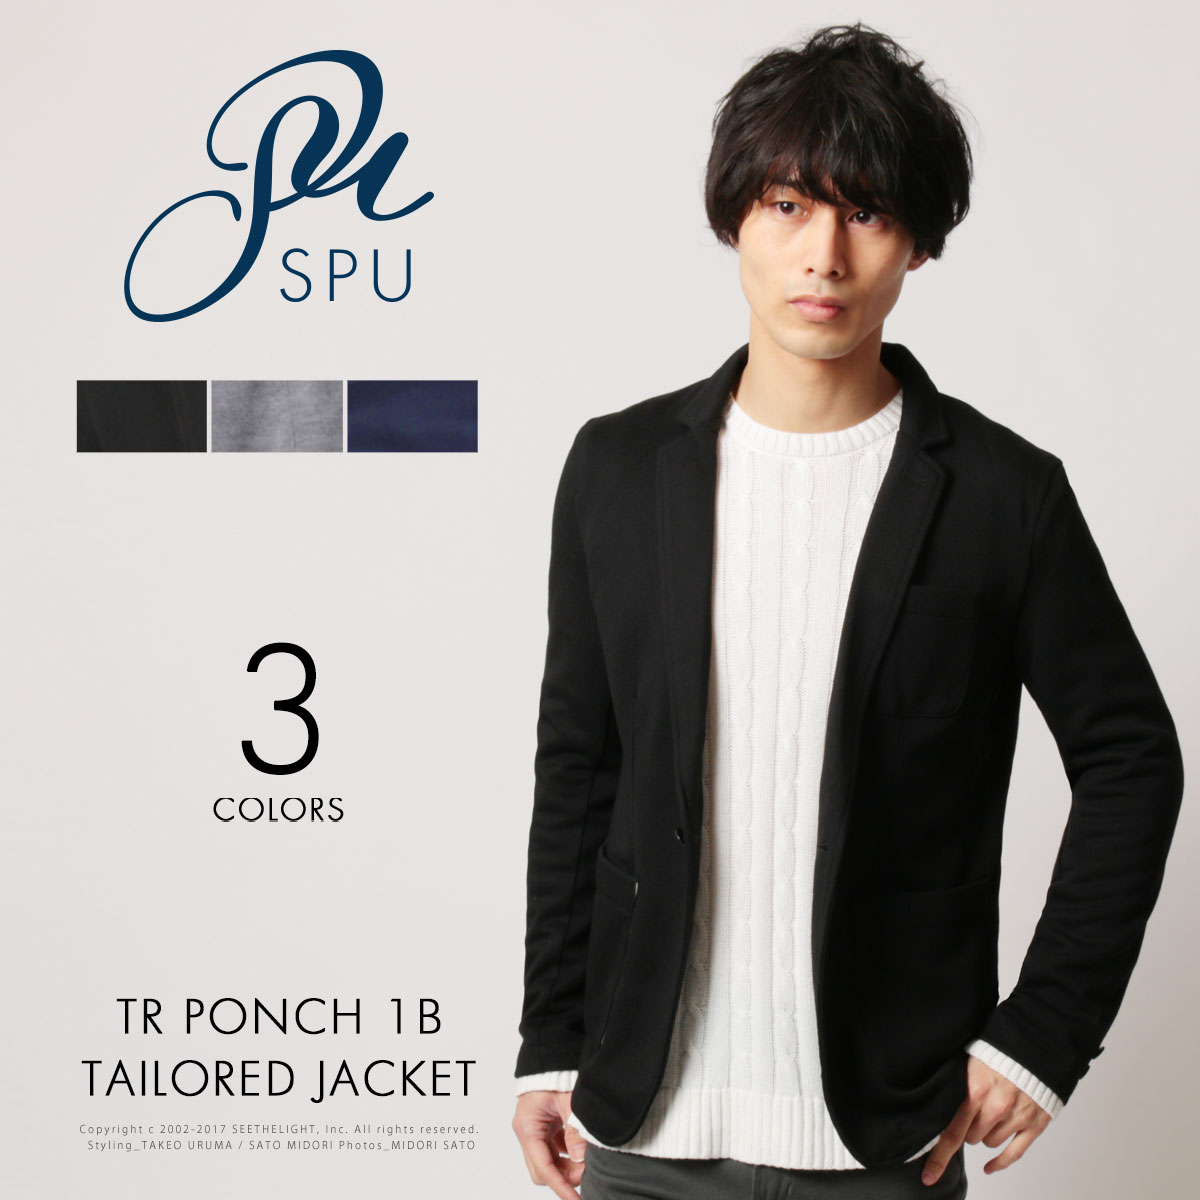 メンズ ジャケット 春 秋 メンズファッション TR ポンチ 1B 長袖 テーラード ジャケット SPU スプ